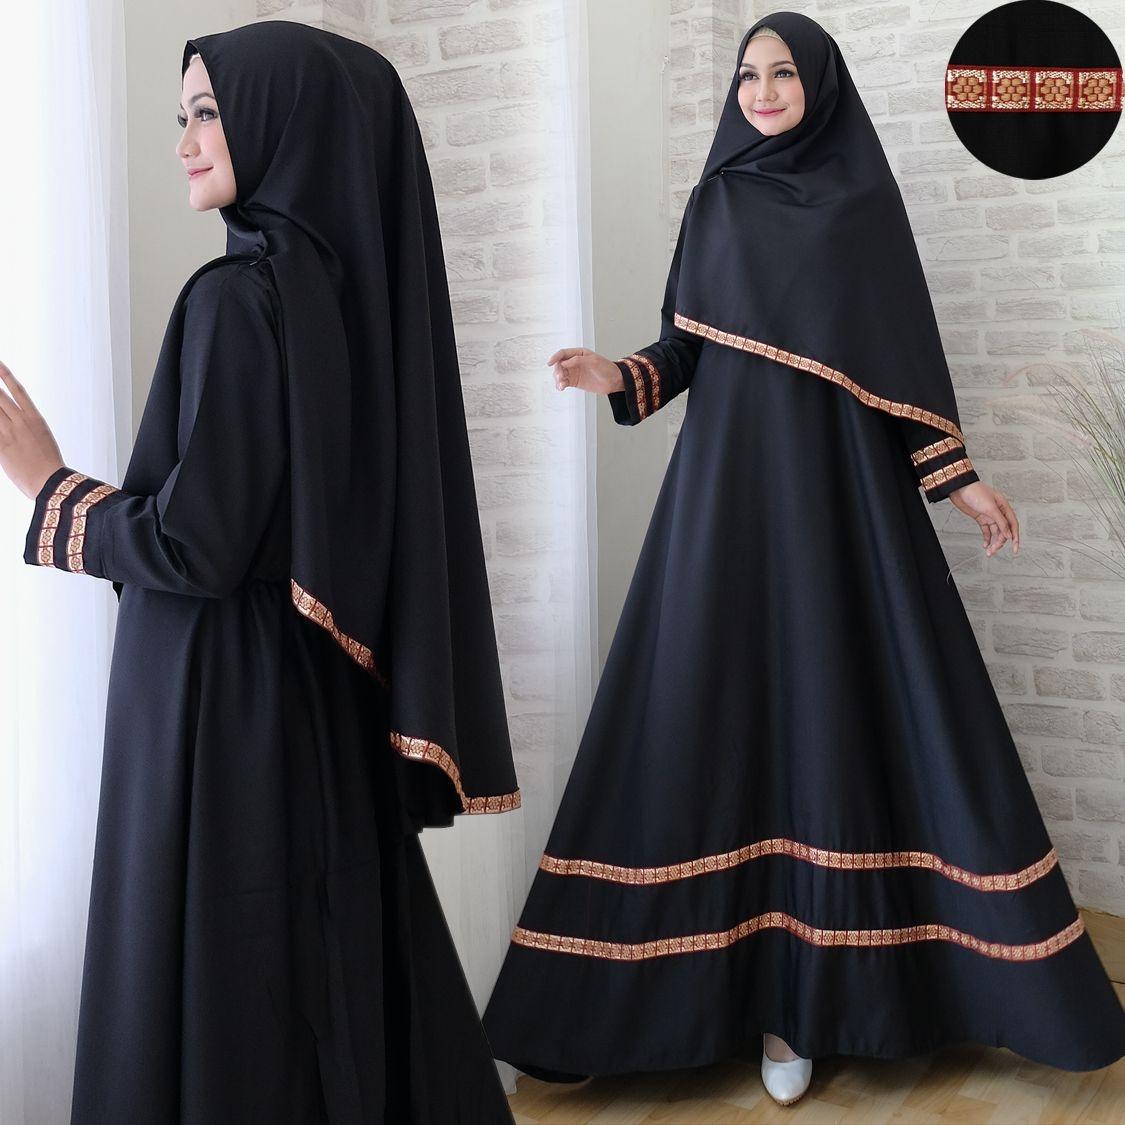 Suki Baju Gamis Muslim Rayha / Dress Muslimah / Hijab Muslim / Gamis Syari'I / Baju Gamis / Fashion Muslim / Setelan Muslim / Hijab Wanita / Baju Muslim / Maxi Gamis / Fashion Muslim